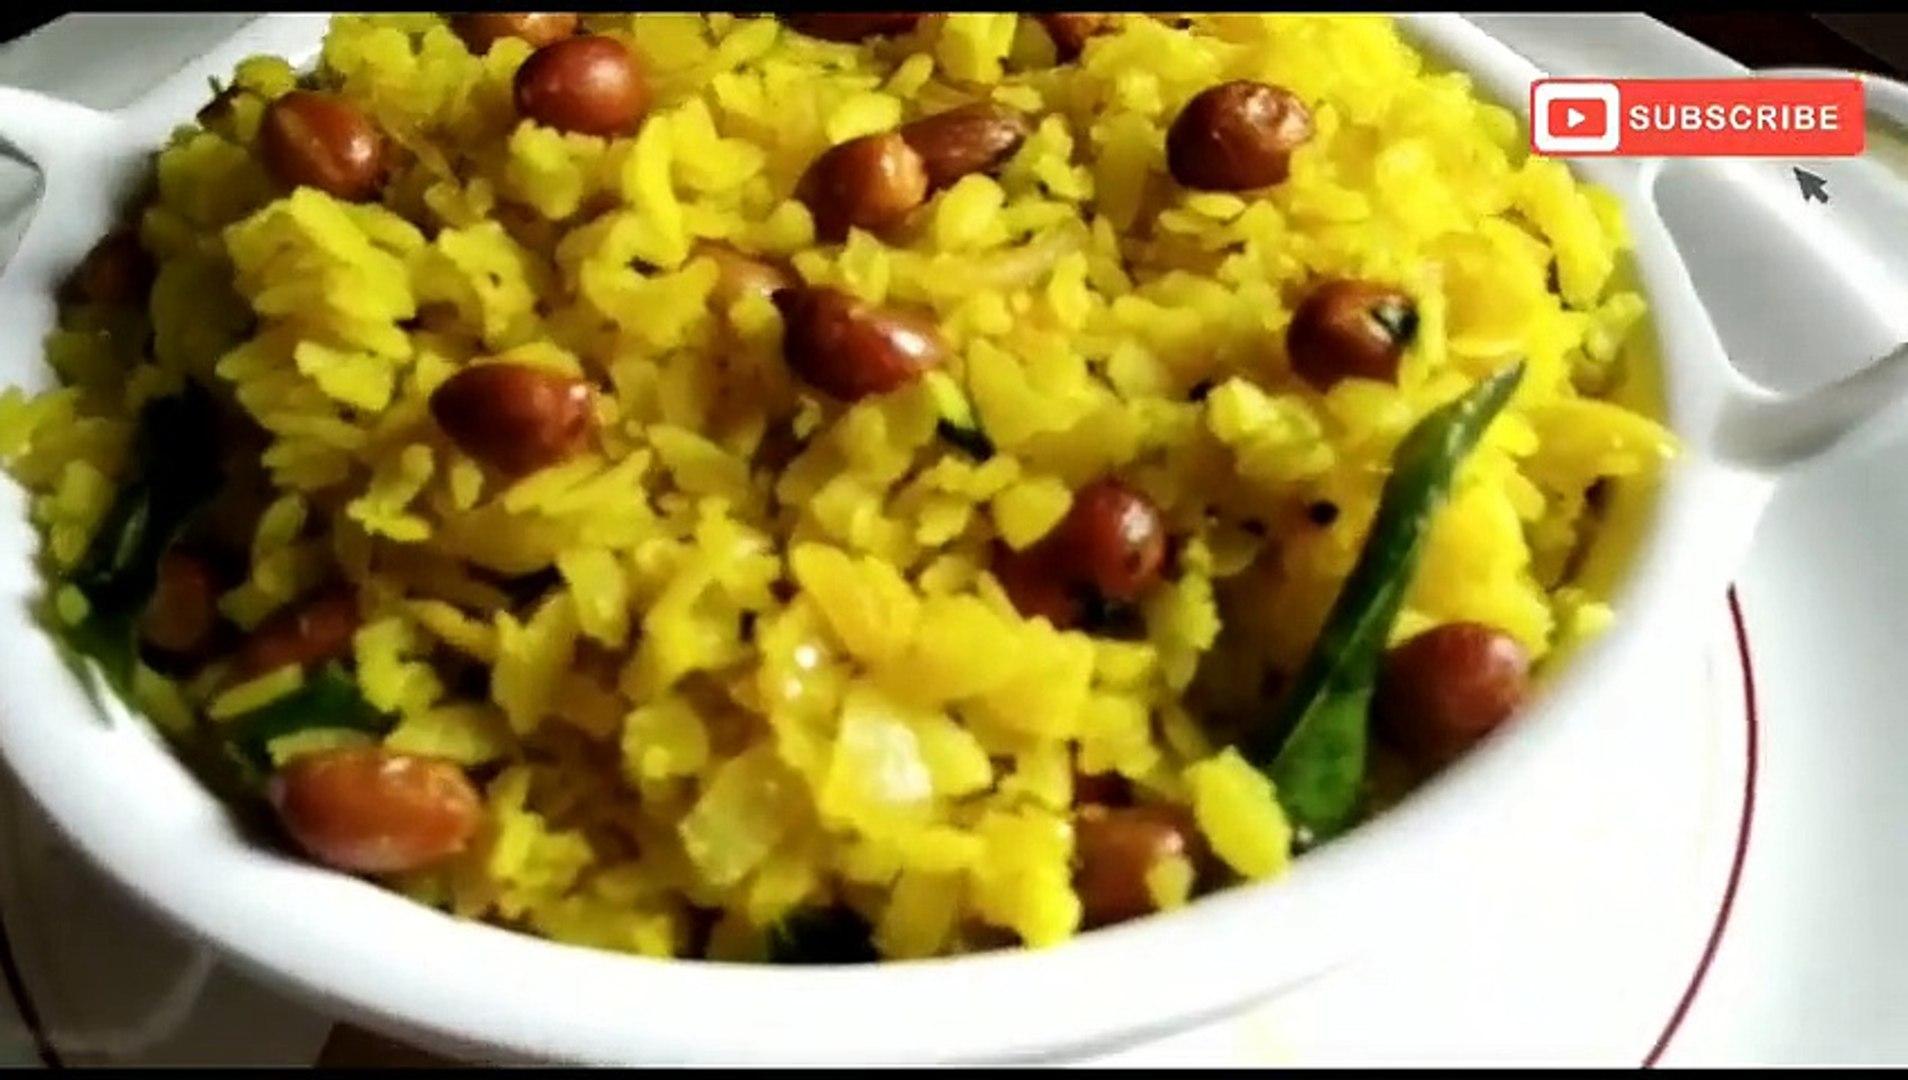 Kanda poha recipe/ poha recipe/ Maharashtrian style kanda poha recipe